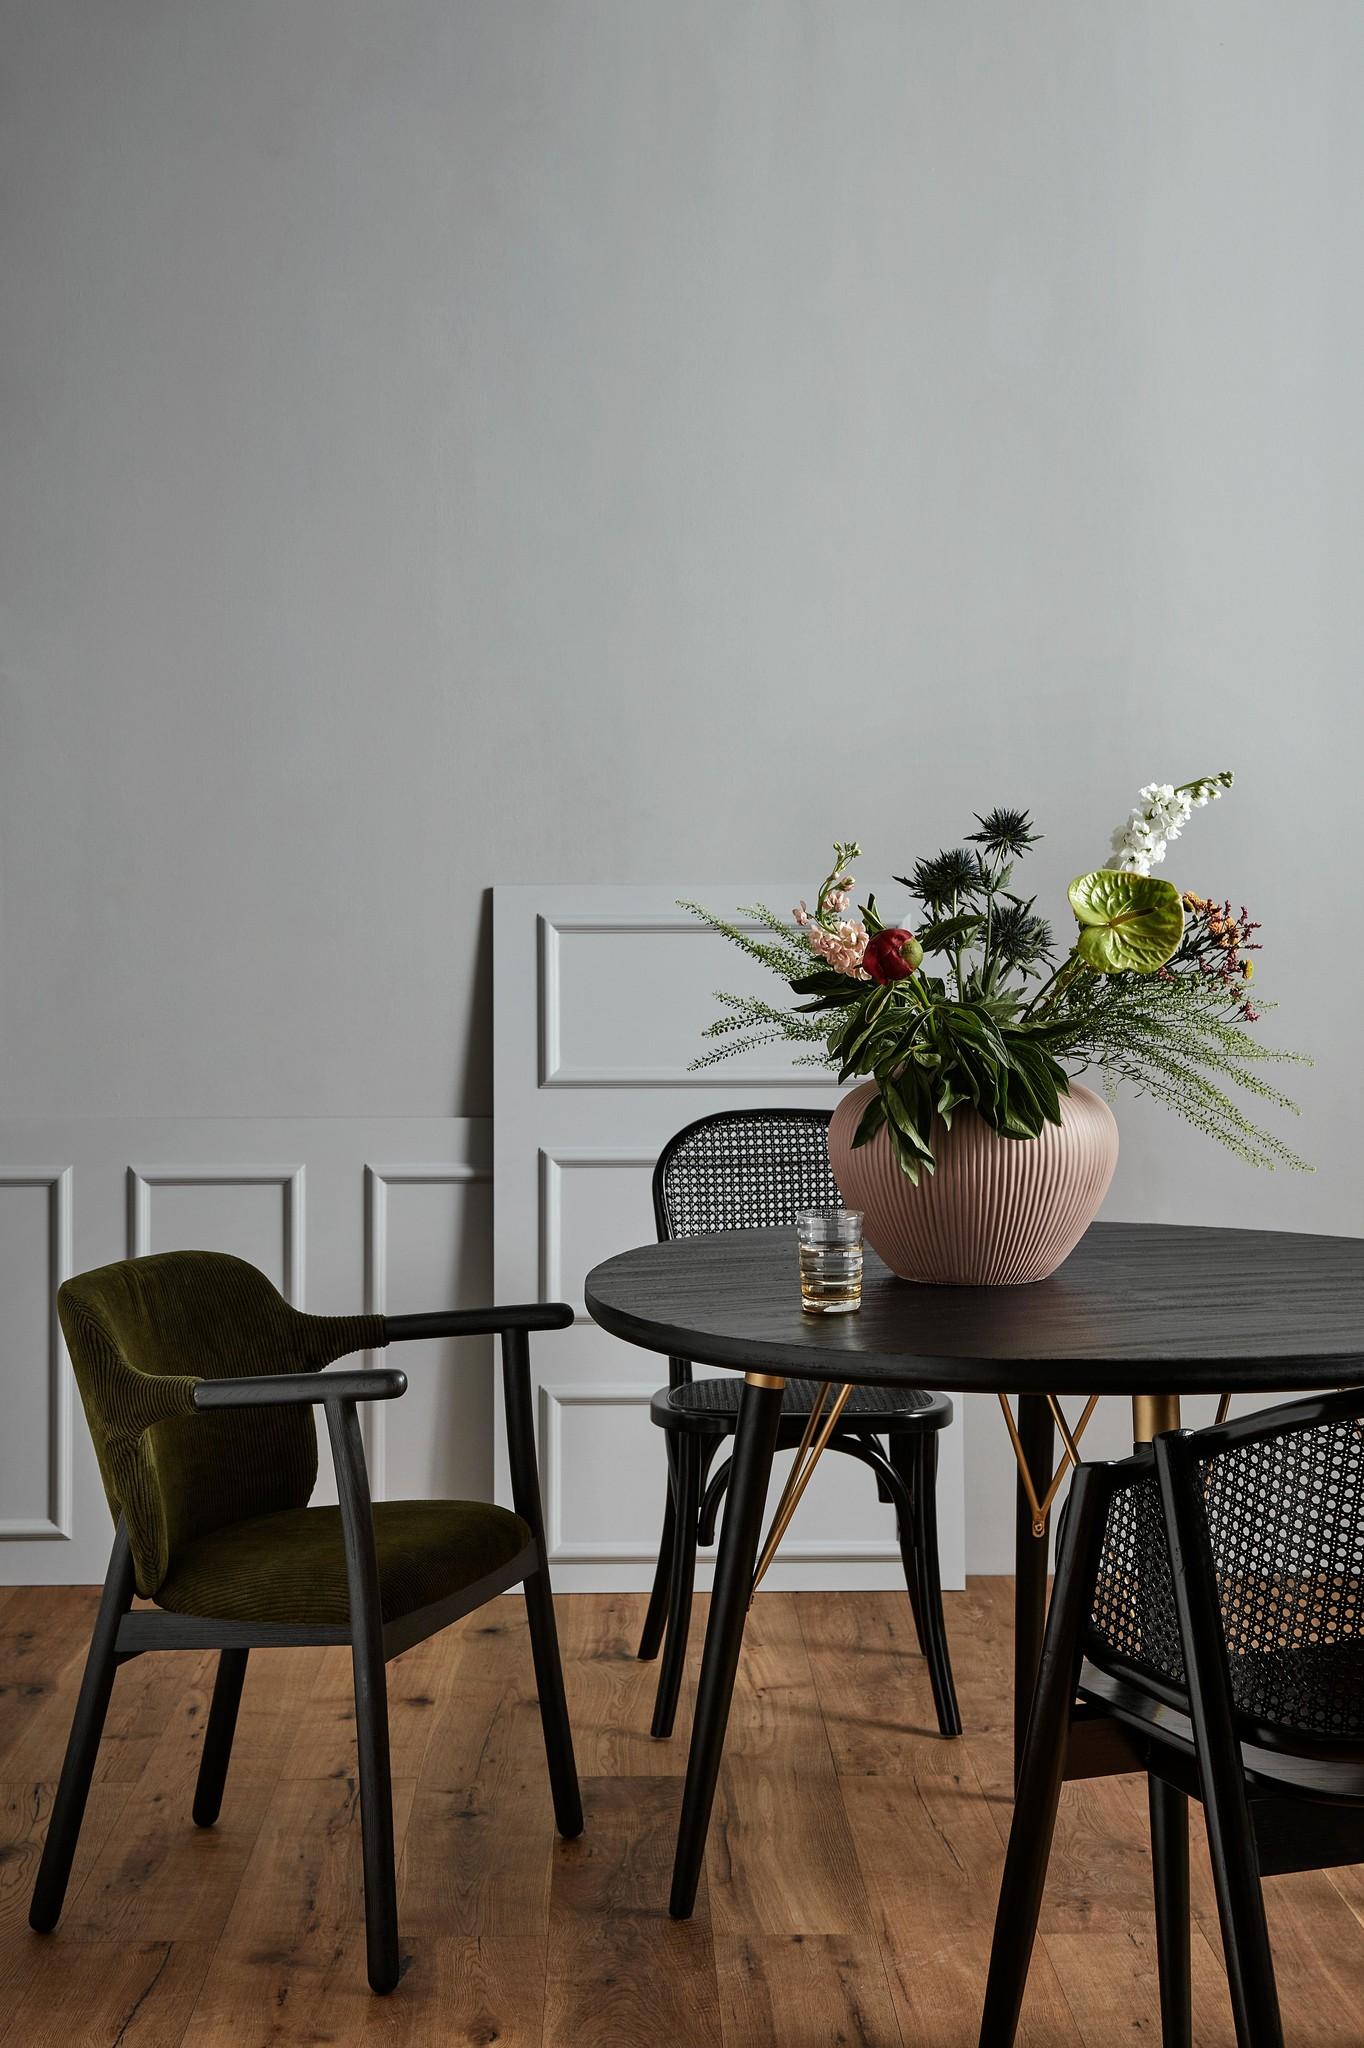 Nordal ESRUM stoel zwart/groen-70900-5708309160795